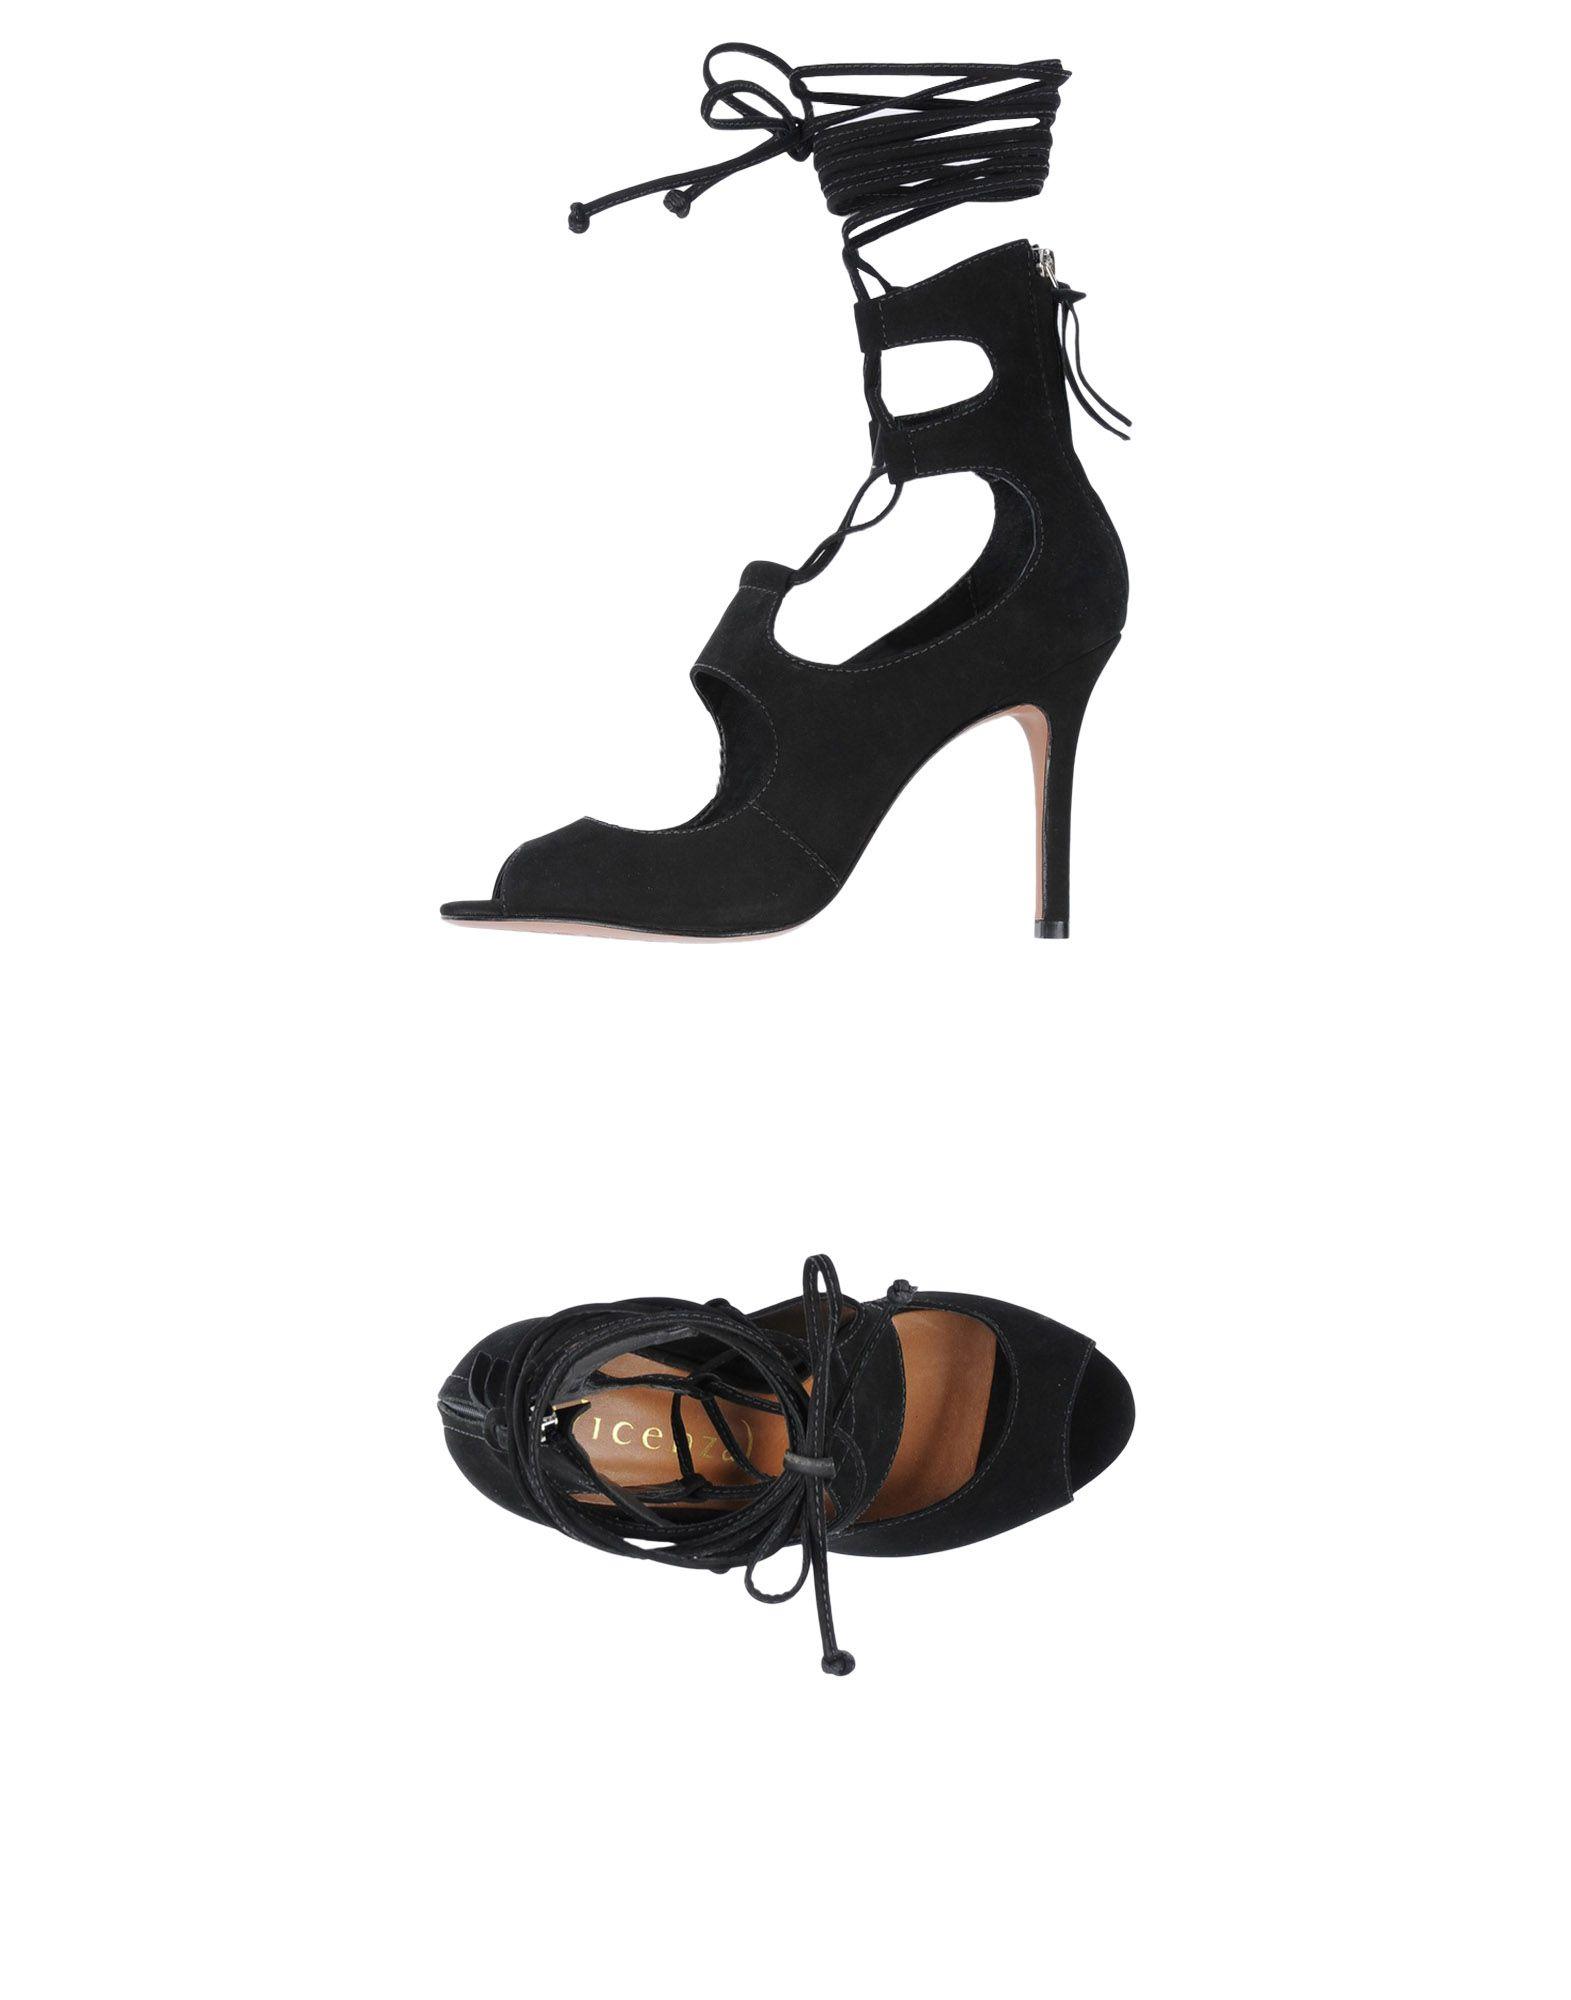 Vicenza) 11472084DA Pumps Damen  11472084DA Vicenza) Gute Qualität beliebte Schuhe d8090f